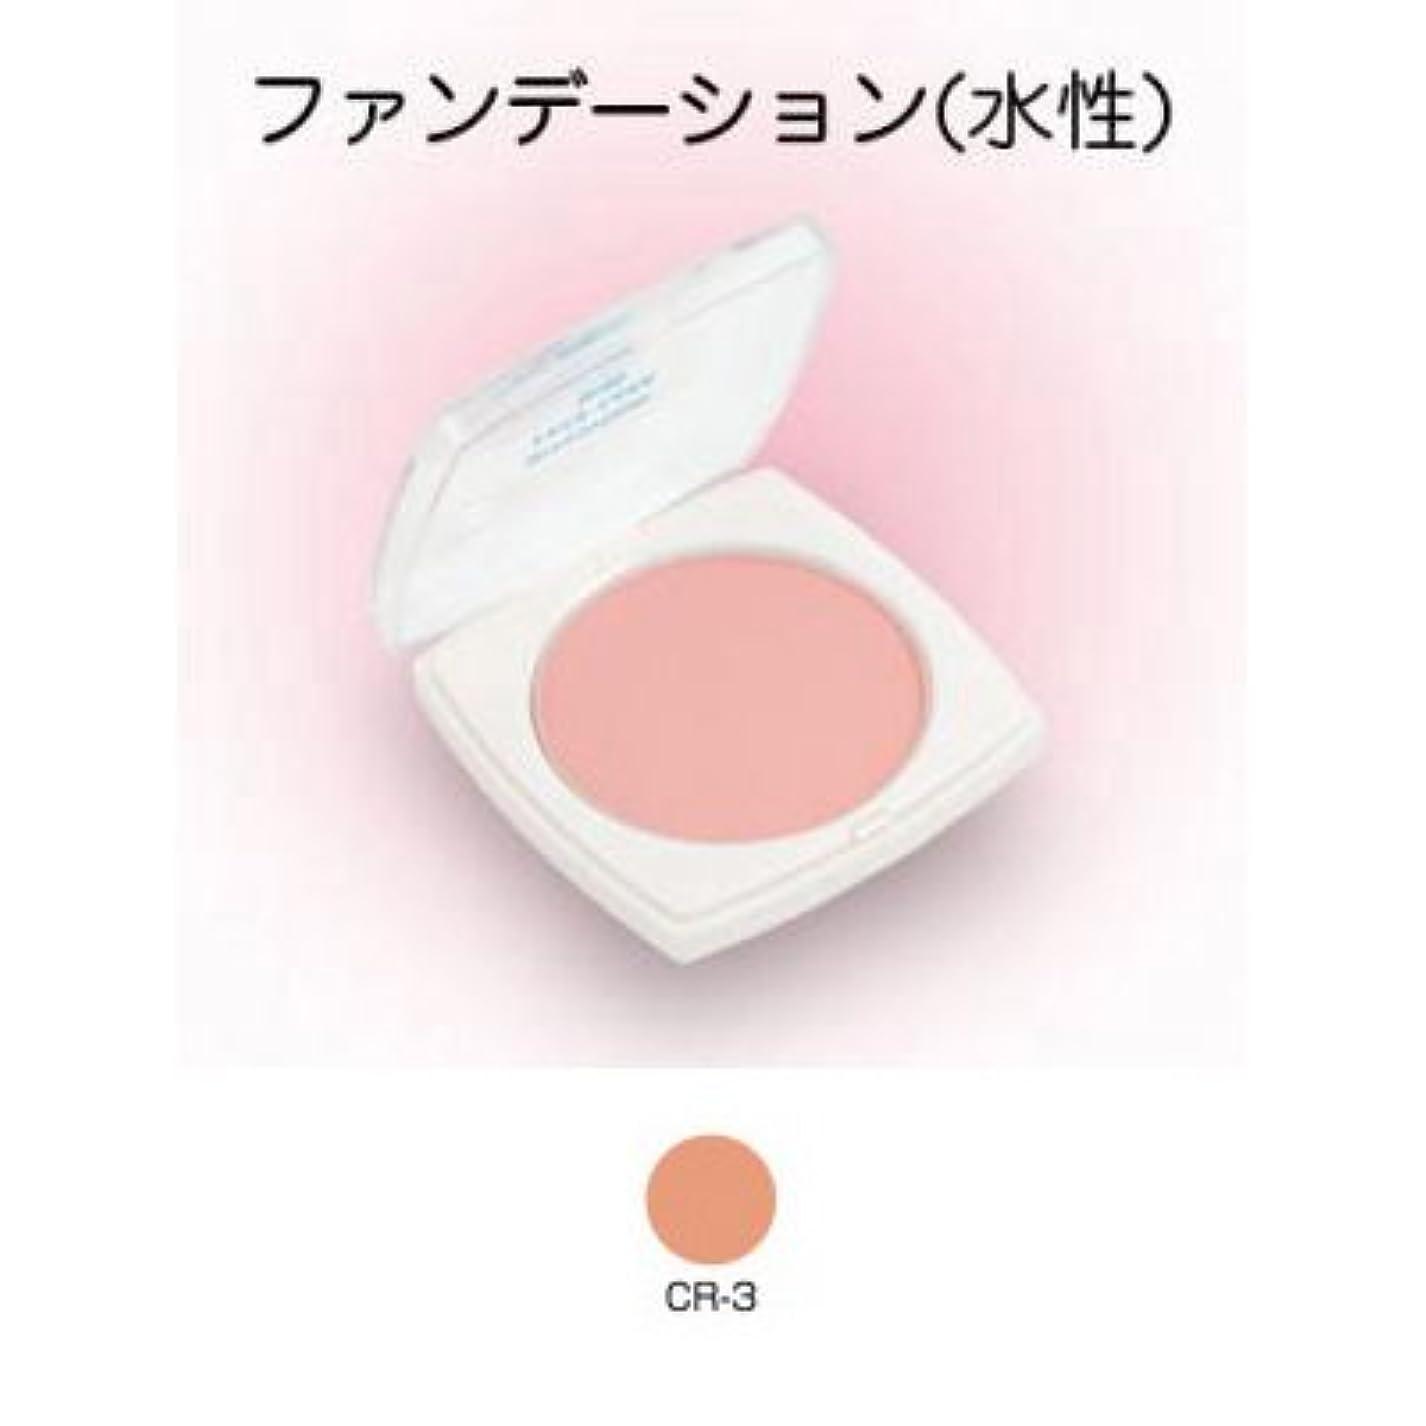 用心するスポーツペパーミントフェースケーキ ミニ 17g CR-3 【三善】